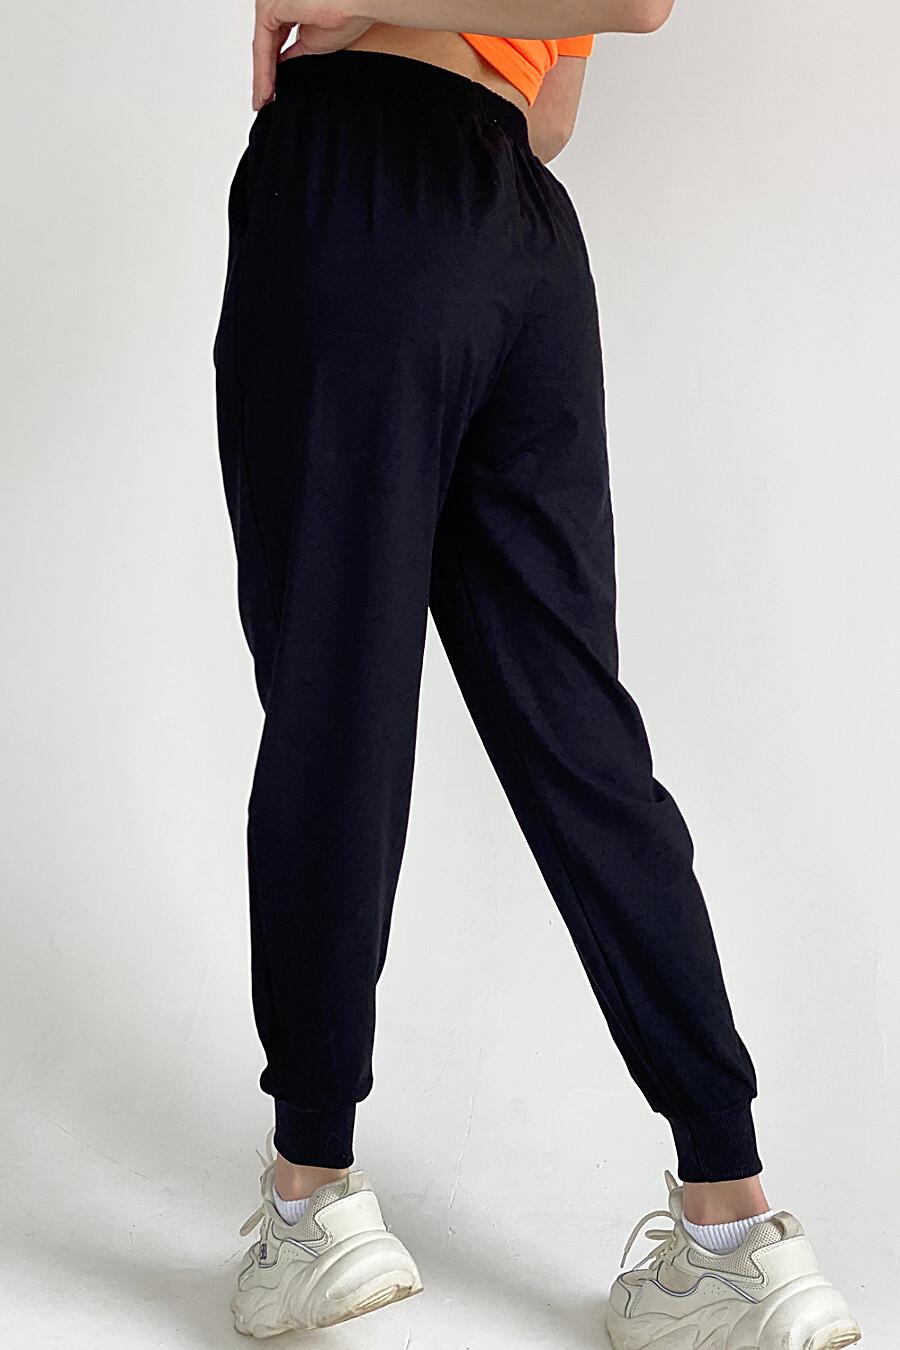 Брюки 8073 для женщин НАТАЛИ 649582 купить оптом от производителя. Совместная покупка женской одежды в OptMoyo